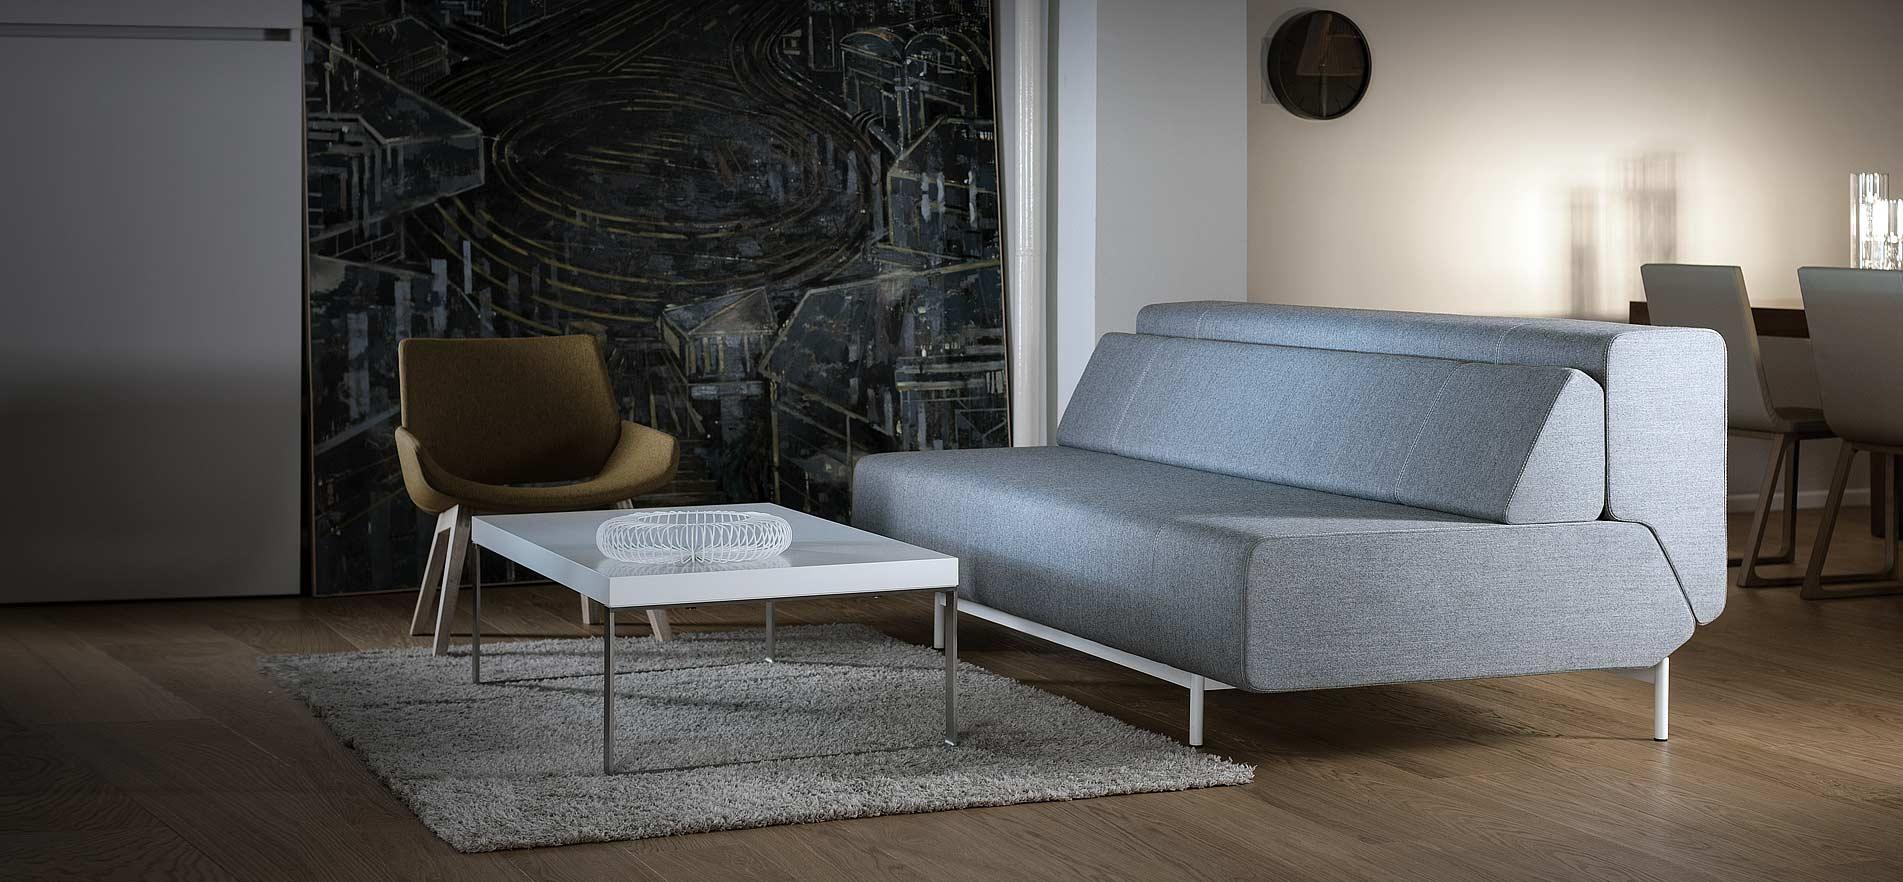 Exklusive Design Schlafsofas Mit Hohem Schlafkomfort